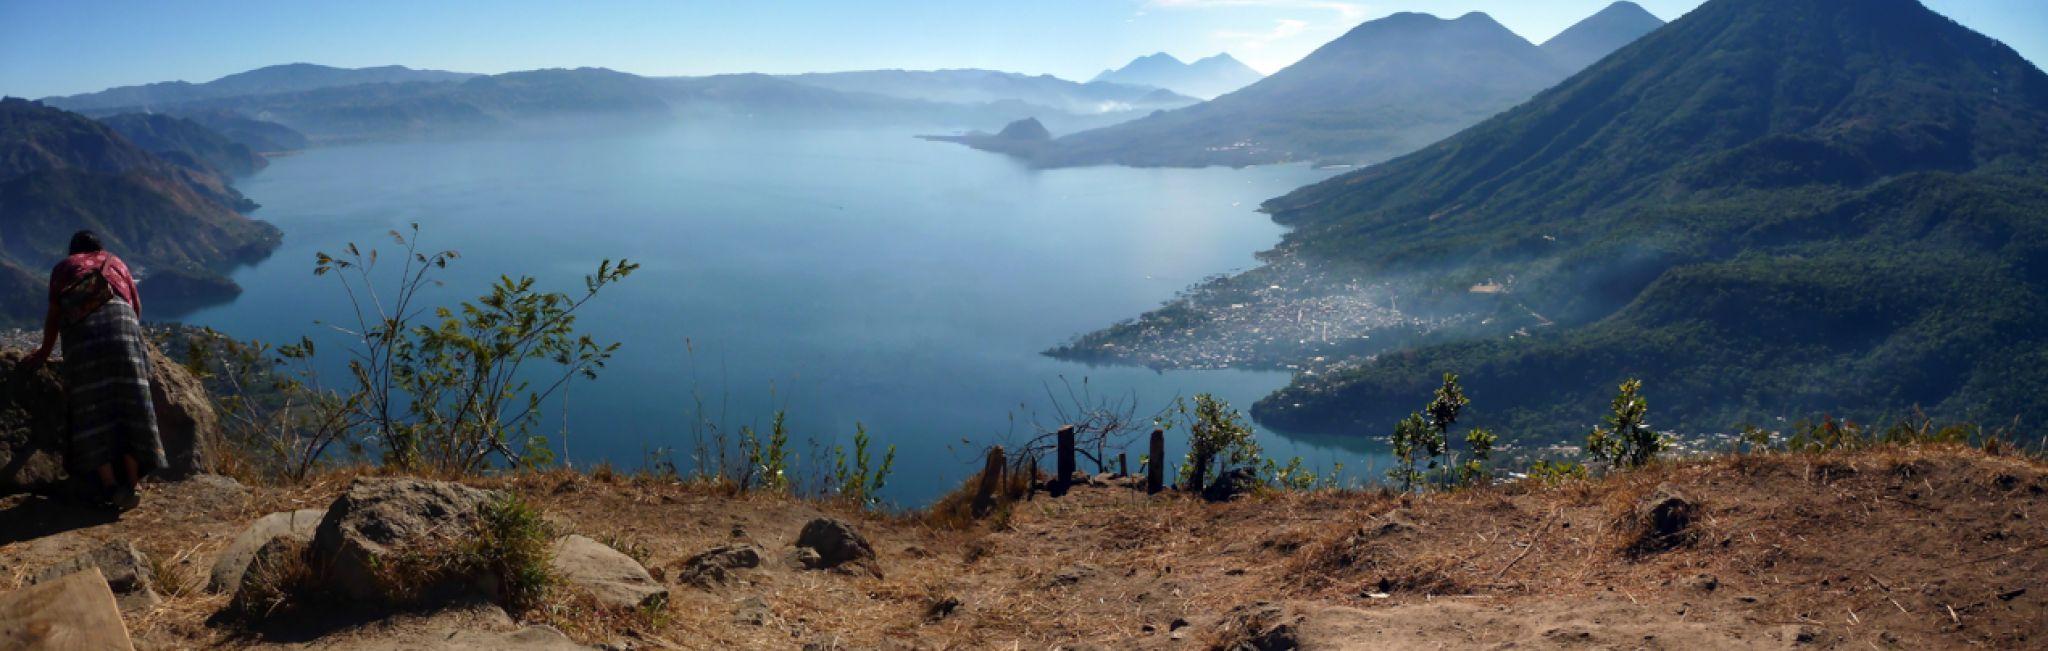 A view of San Pedro on Lake Atitlan.